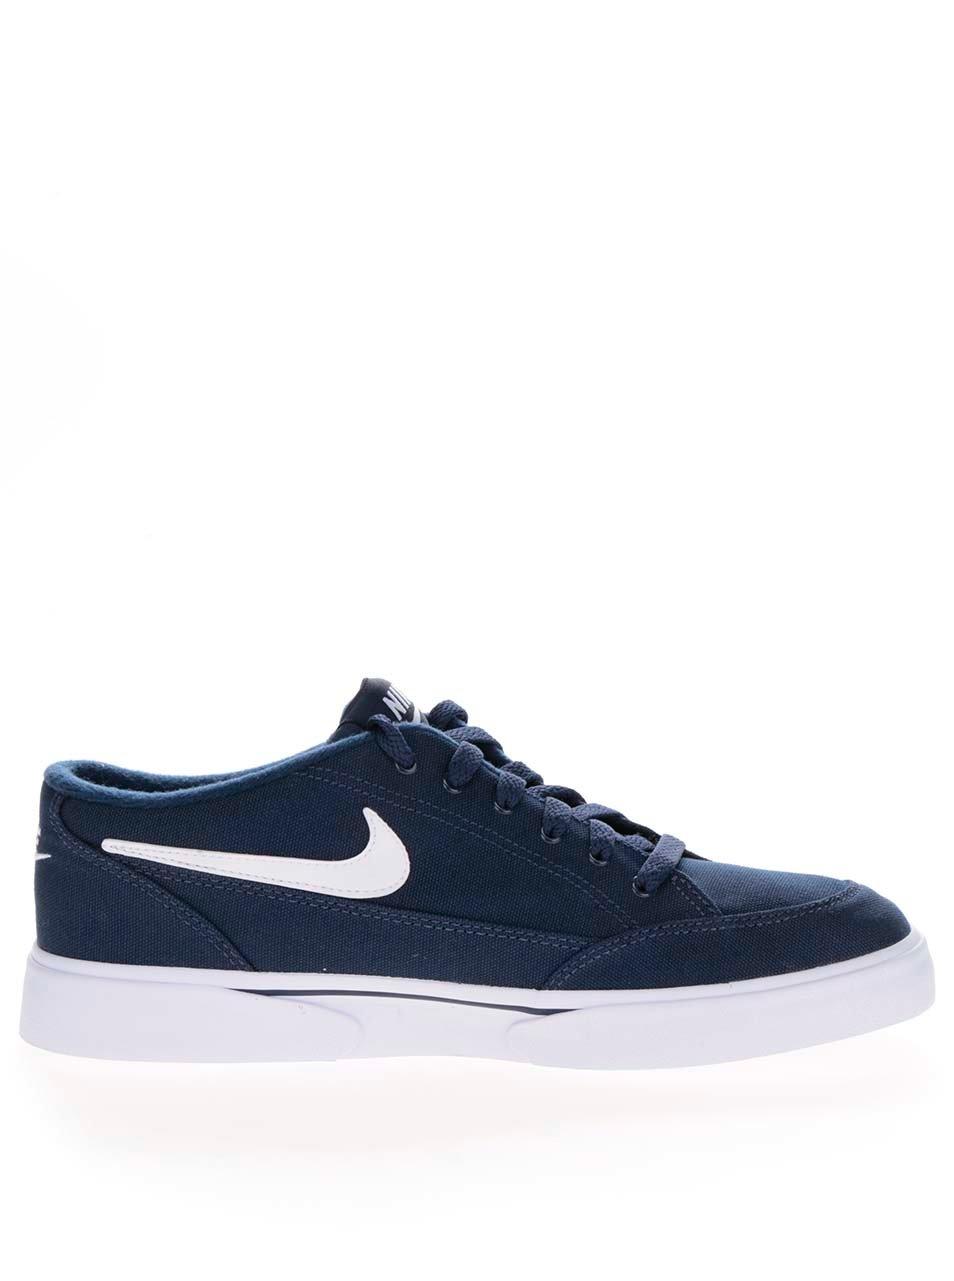 Modré pánské tenisky Nike GTS 16 ... f873b4e3560